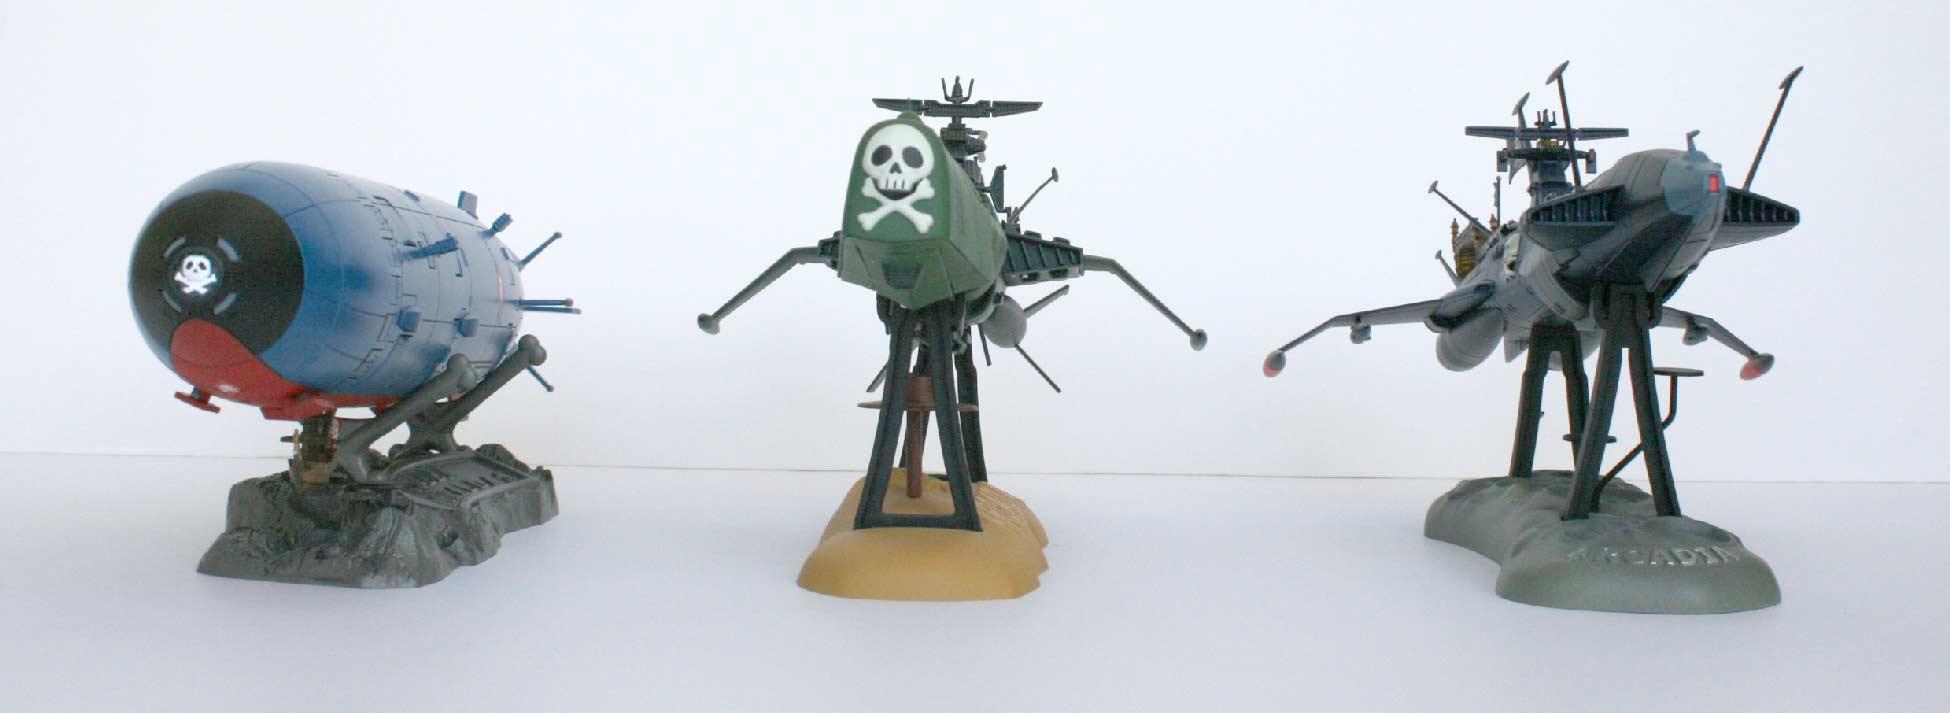 Comparaison de l'Arcadia, du Death Shadow et du Queen Emeraldas d'Aoshima (vue frontale)